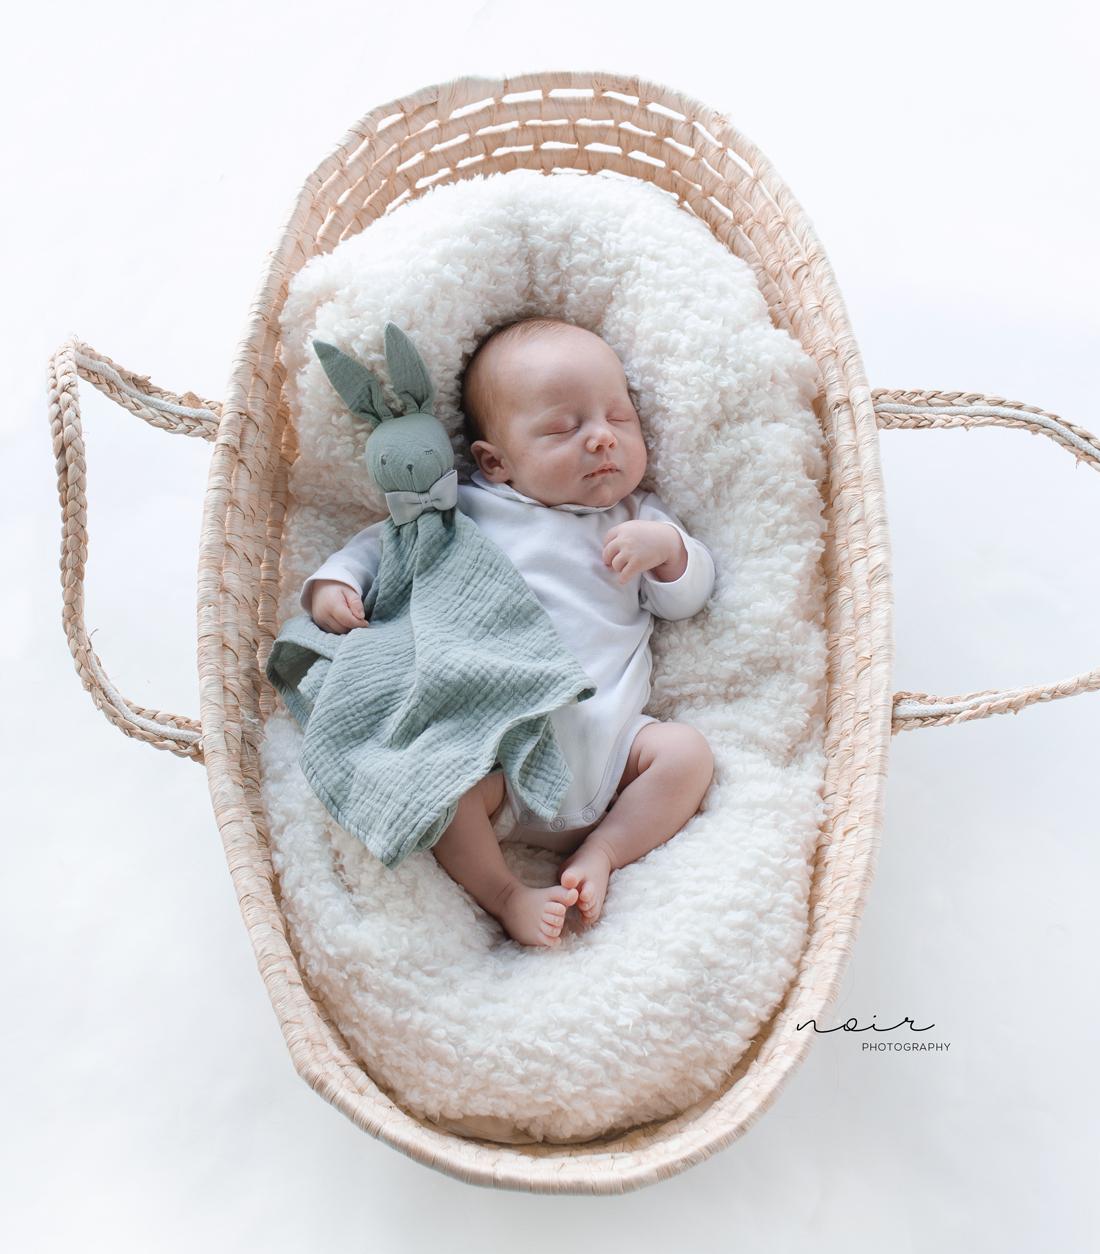 Newborn baby fotografie west-vlaanderen oost-vlaanderen lifestyle simpel eenvoud